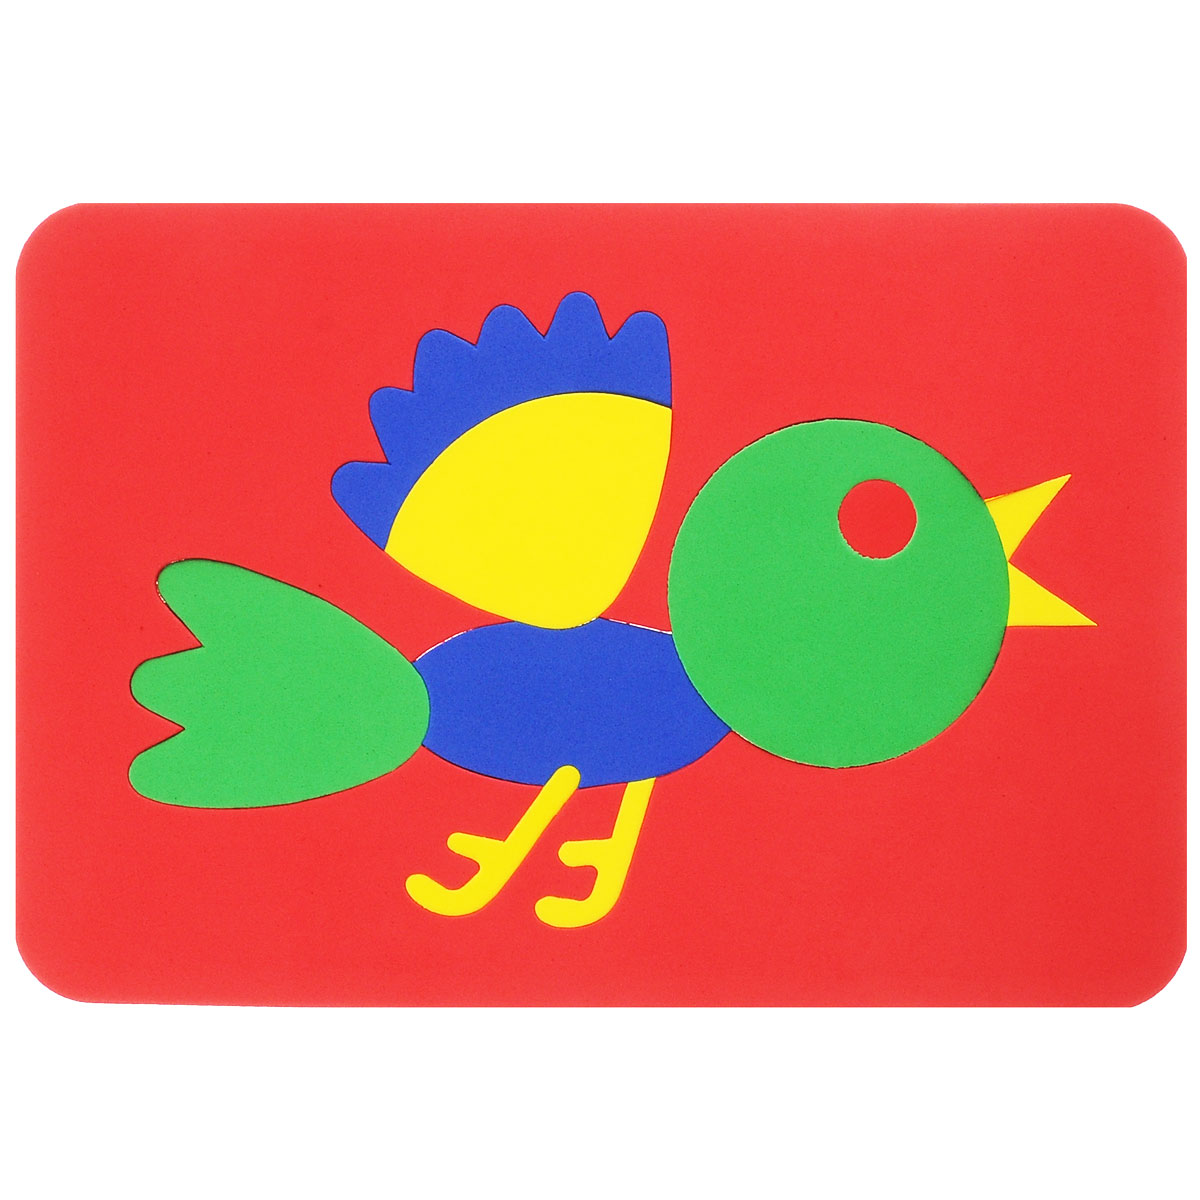 Мягкая мозаика Птичка, 11 элементов, цвет основы: красный август мягкая мозаика дерево цвет основы синий